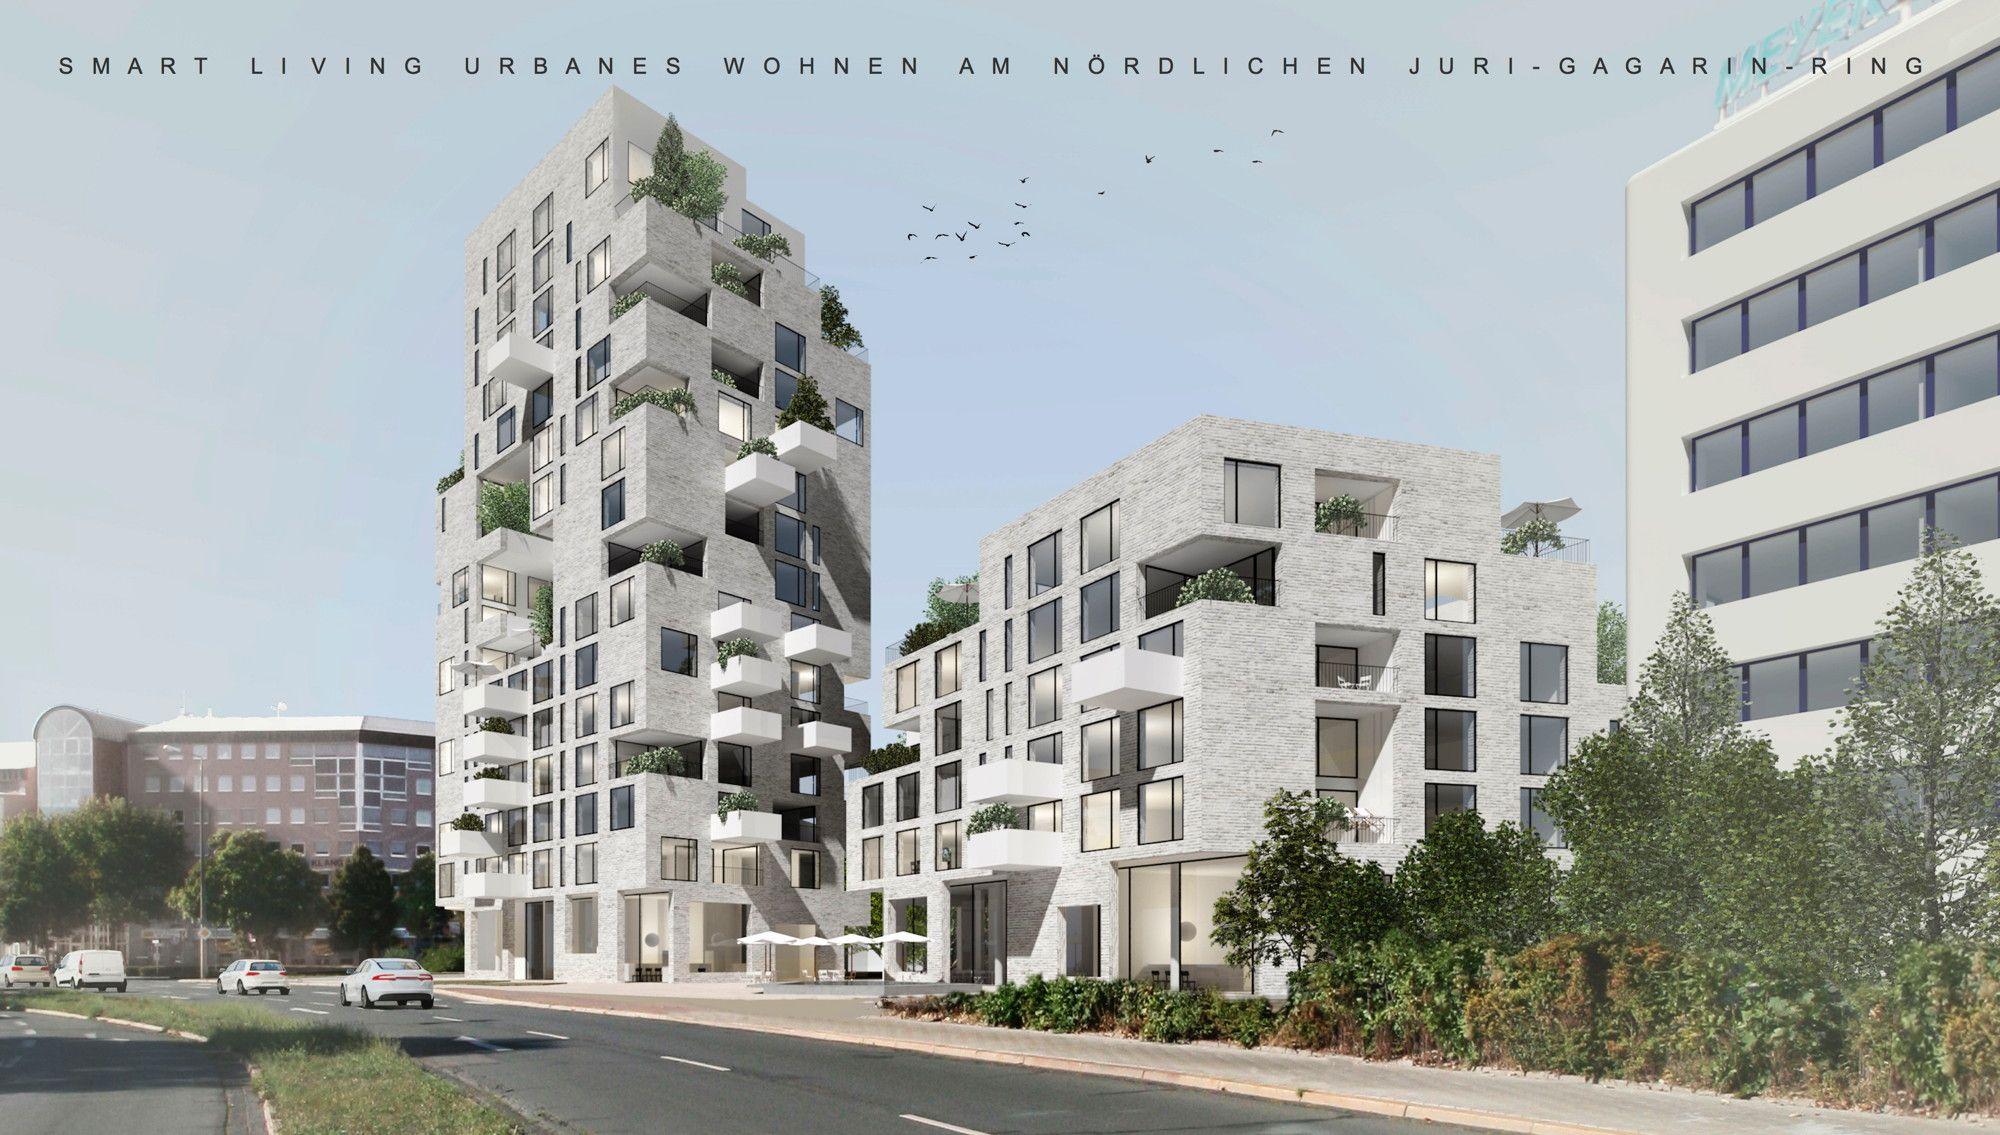 Ein Bis Zwei Hochhäuser Wettbewerb In Erfurt Entschieden Erfurt - Minecraft hochhauser